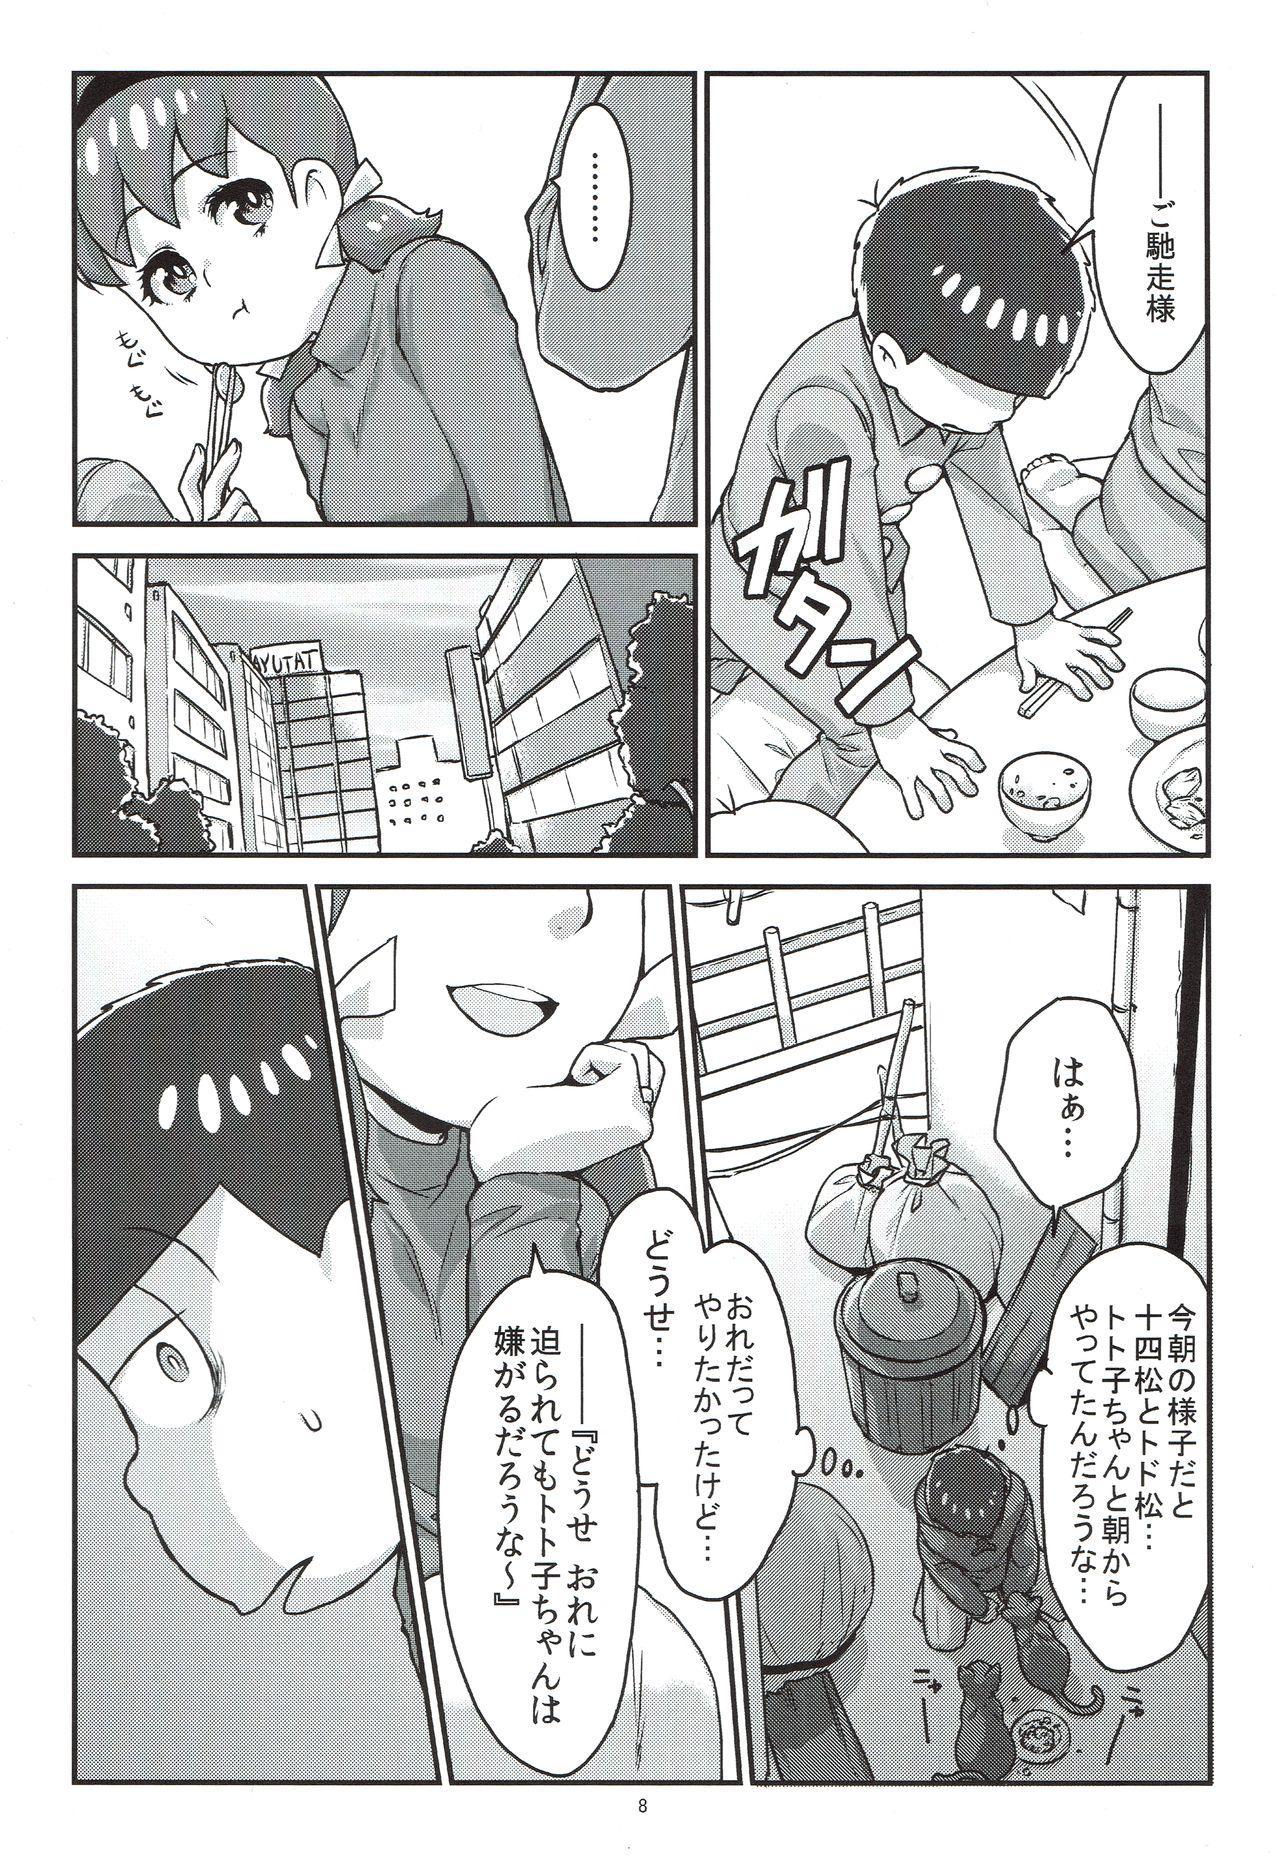 Mutsugo to Totoko-chan no Juukon Seikatsu 8